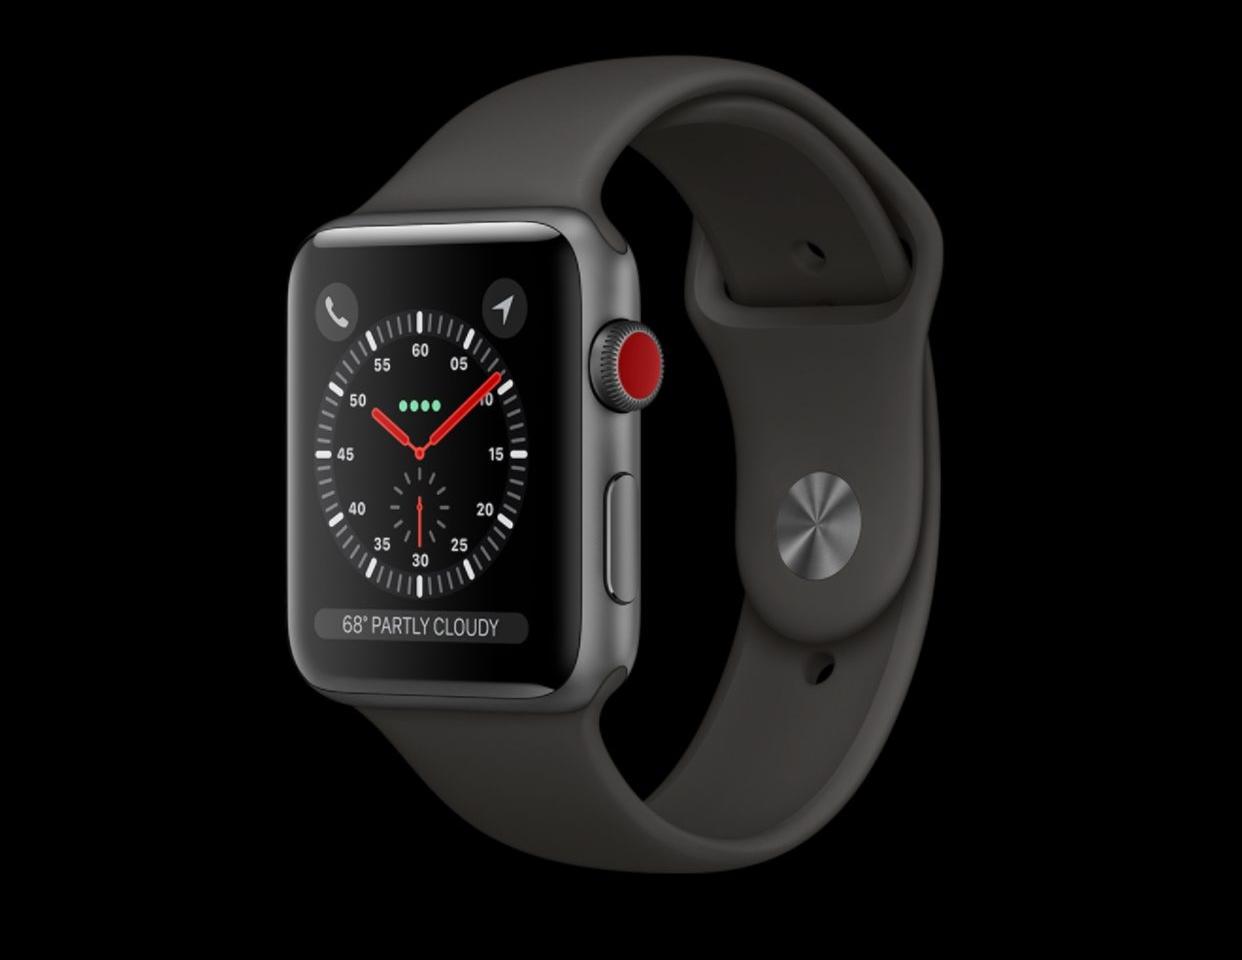 Ios 11 R 233 V 232 Le Le Design Des Nouveaux Airpods Et De L Apple